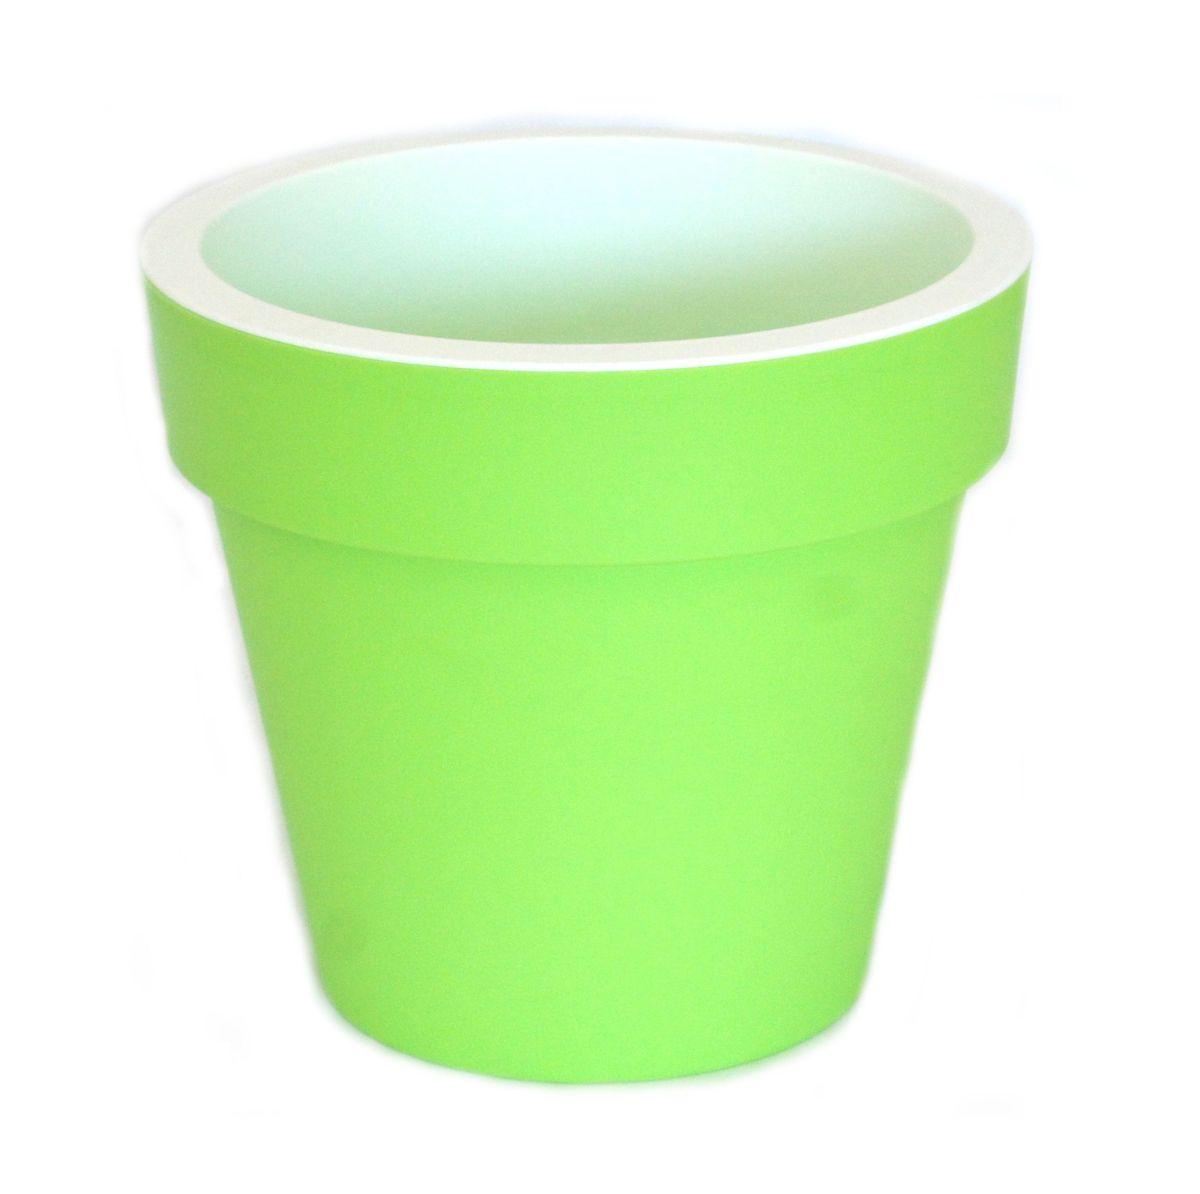 Кашпо JetPlast Порто, со вставкой, цвет: фисташковый, 9 л531-401Кашпо Порто классической формы с внутренней вставкой-горшком. Дренажная вставка позволяет легко поливать растения без использования дополнительного поддона. Вместительный объем кашпо позволяет высаживать самые разнообразные растения, а съемная вставка избавит вас от грязи и подчеркнет красоту цветка. Оно изготовлено из прочного полипропилена (пластика). Такое кашпо порадует вас функциональностью, а благодаря лаконичному дизайну впишется в любой интерьер помещения. Объем кашпо: 9 л.